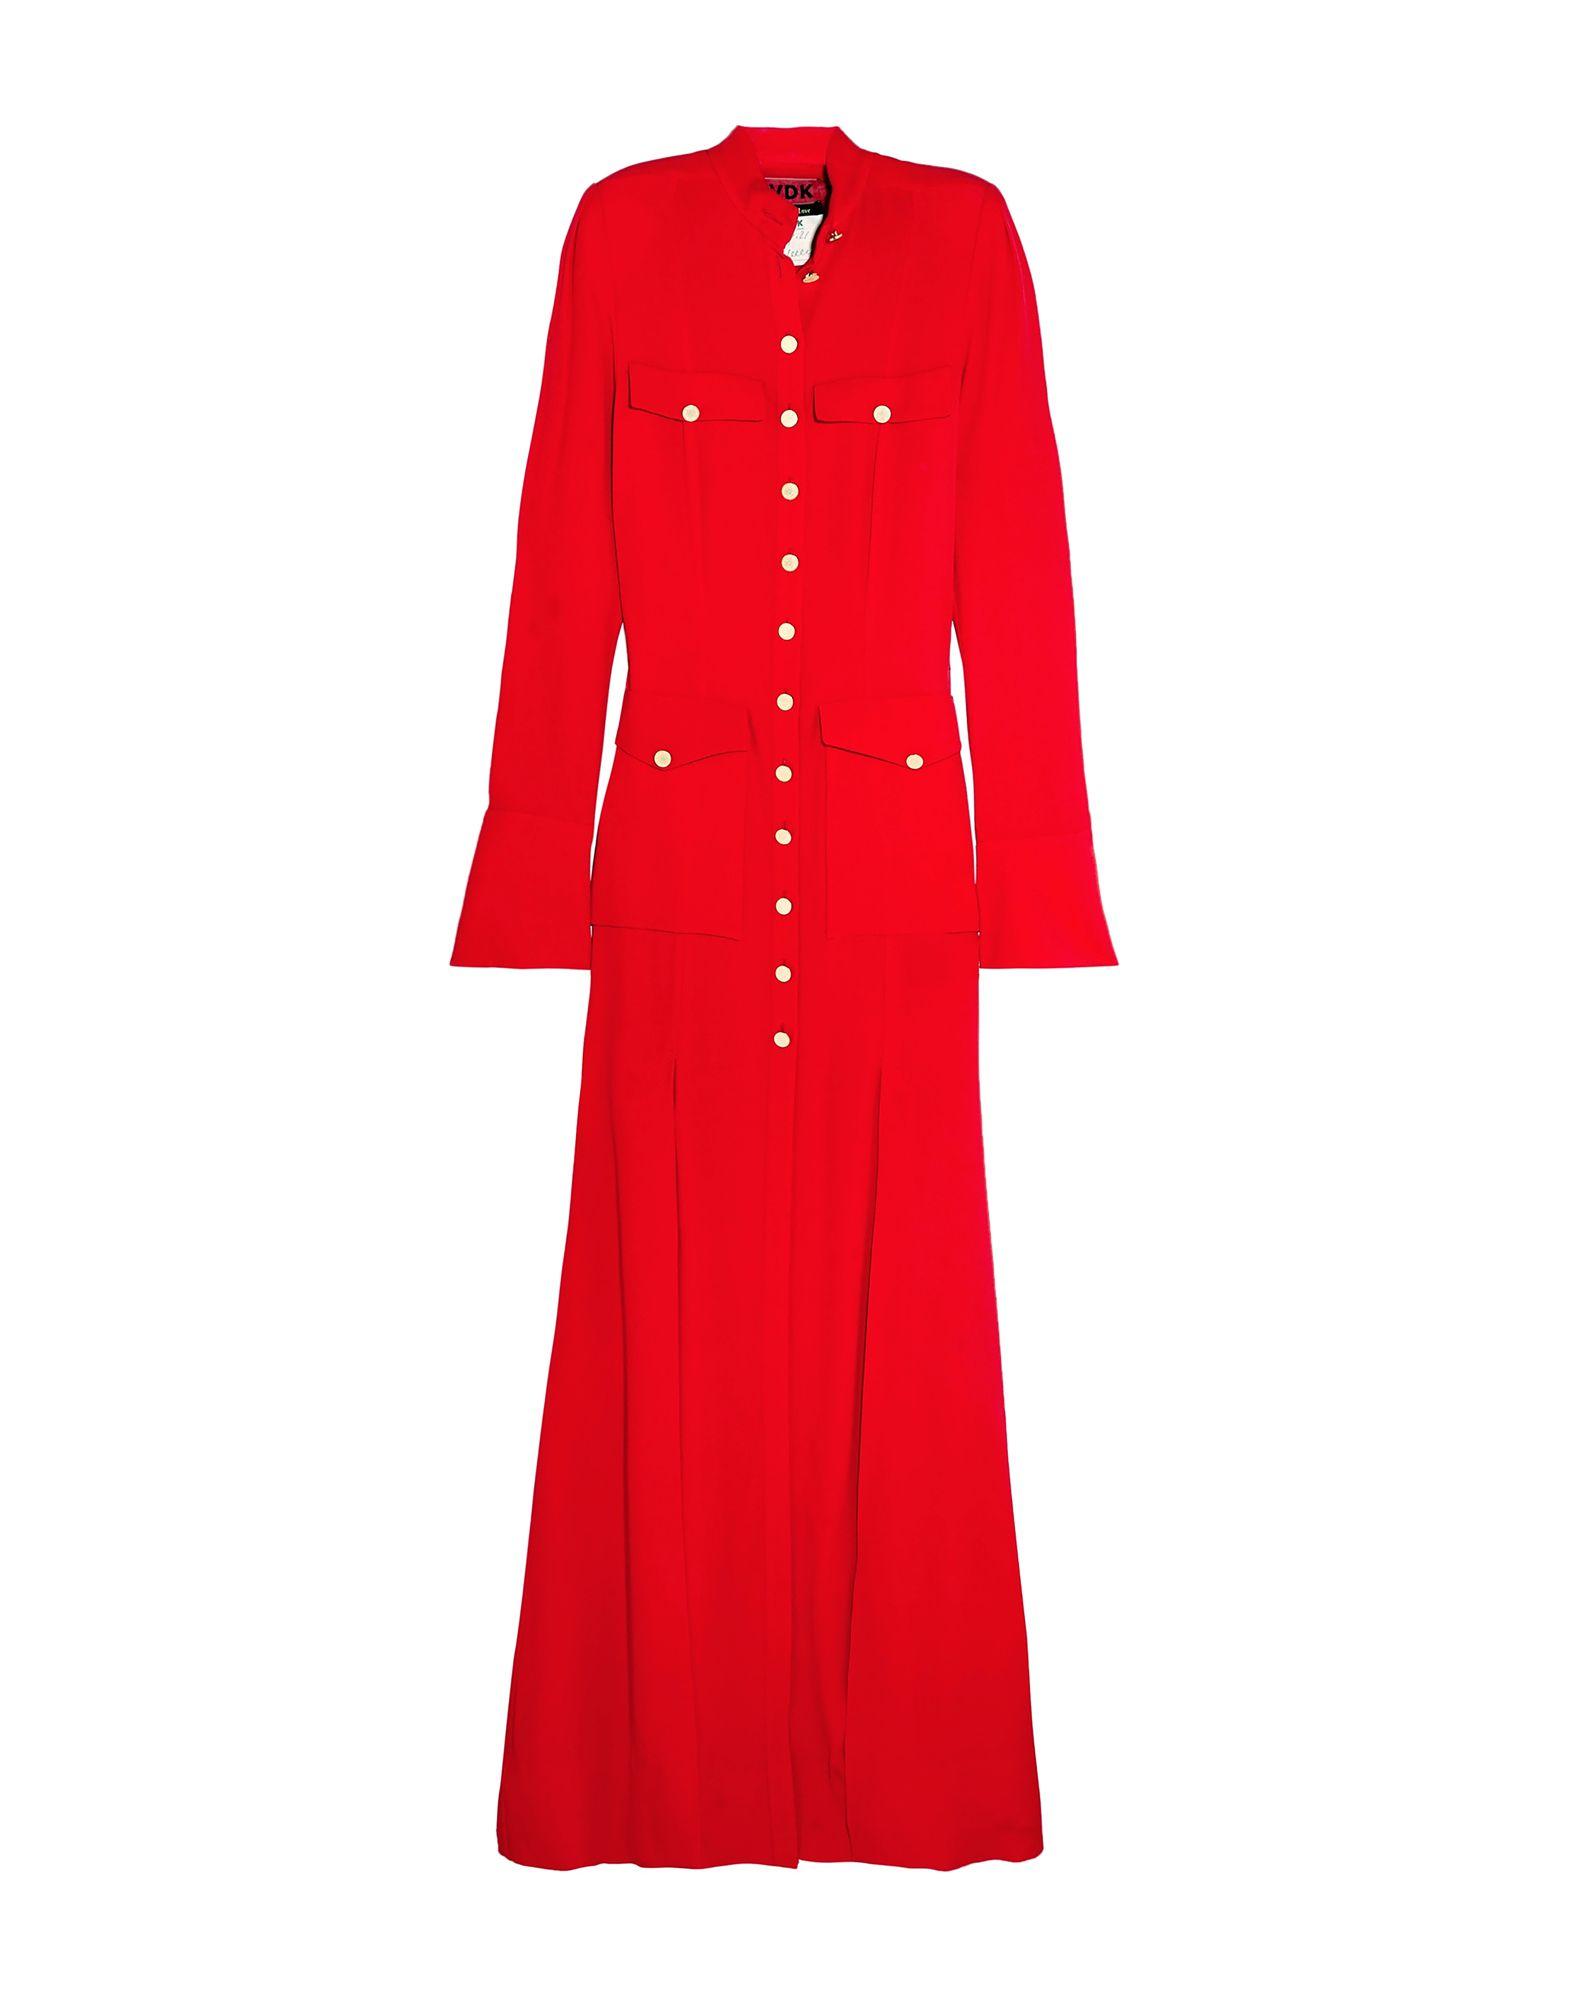 Фото - RONALD VAN DER KEMP Длинное платье v persie van basten 556688